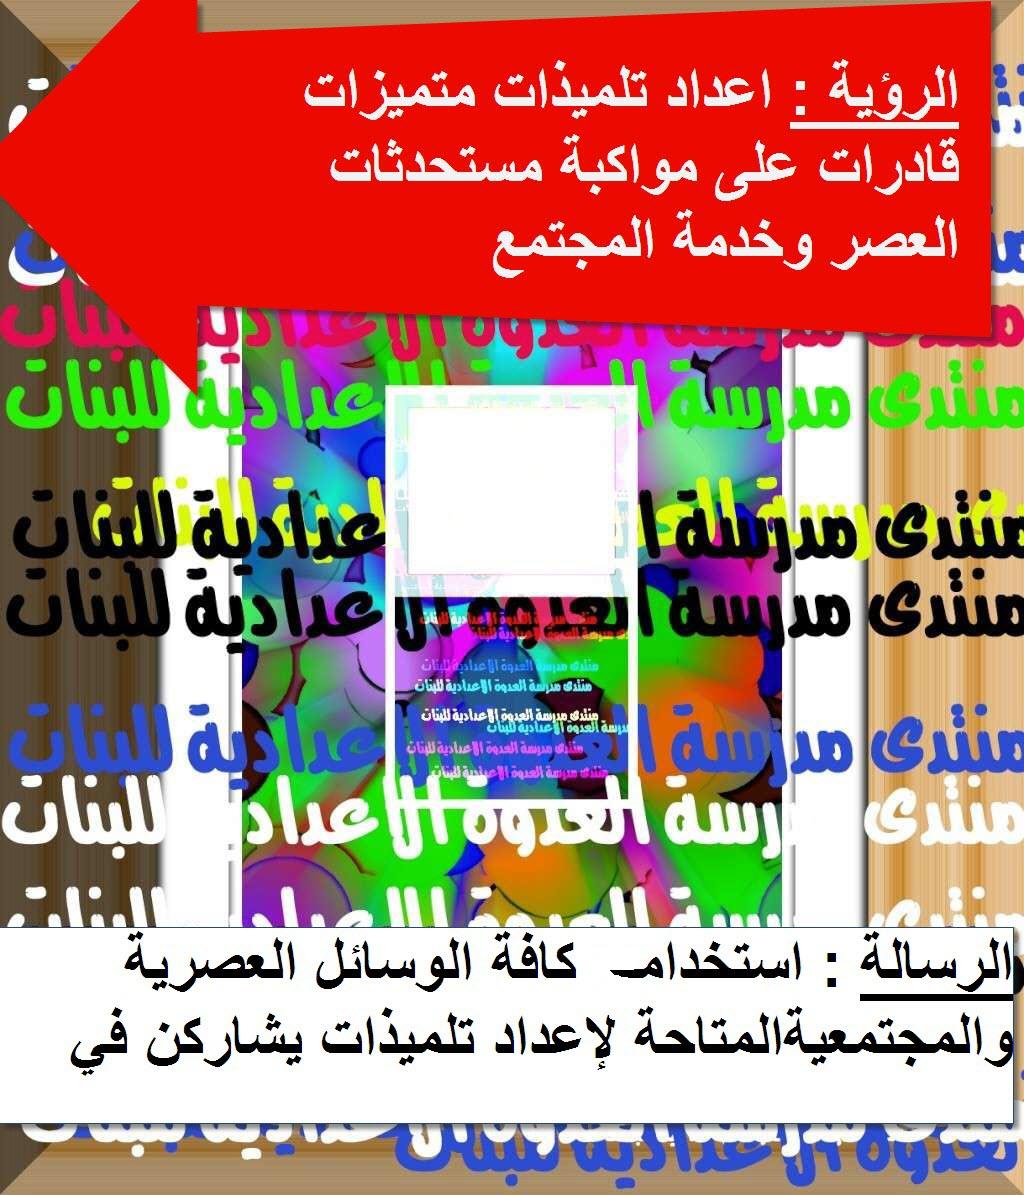 منتدى مدرسة العدوة الاعداية للبنات - المنيا